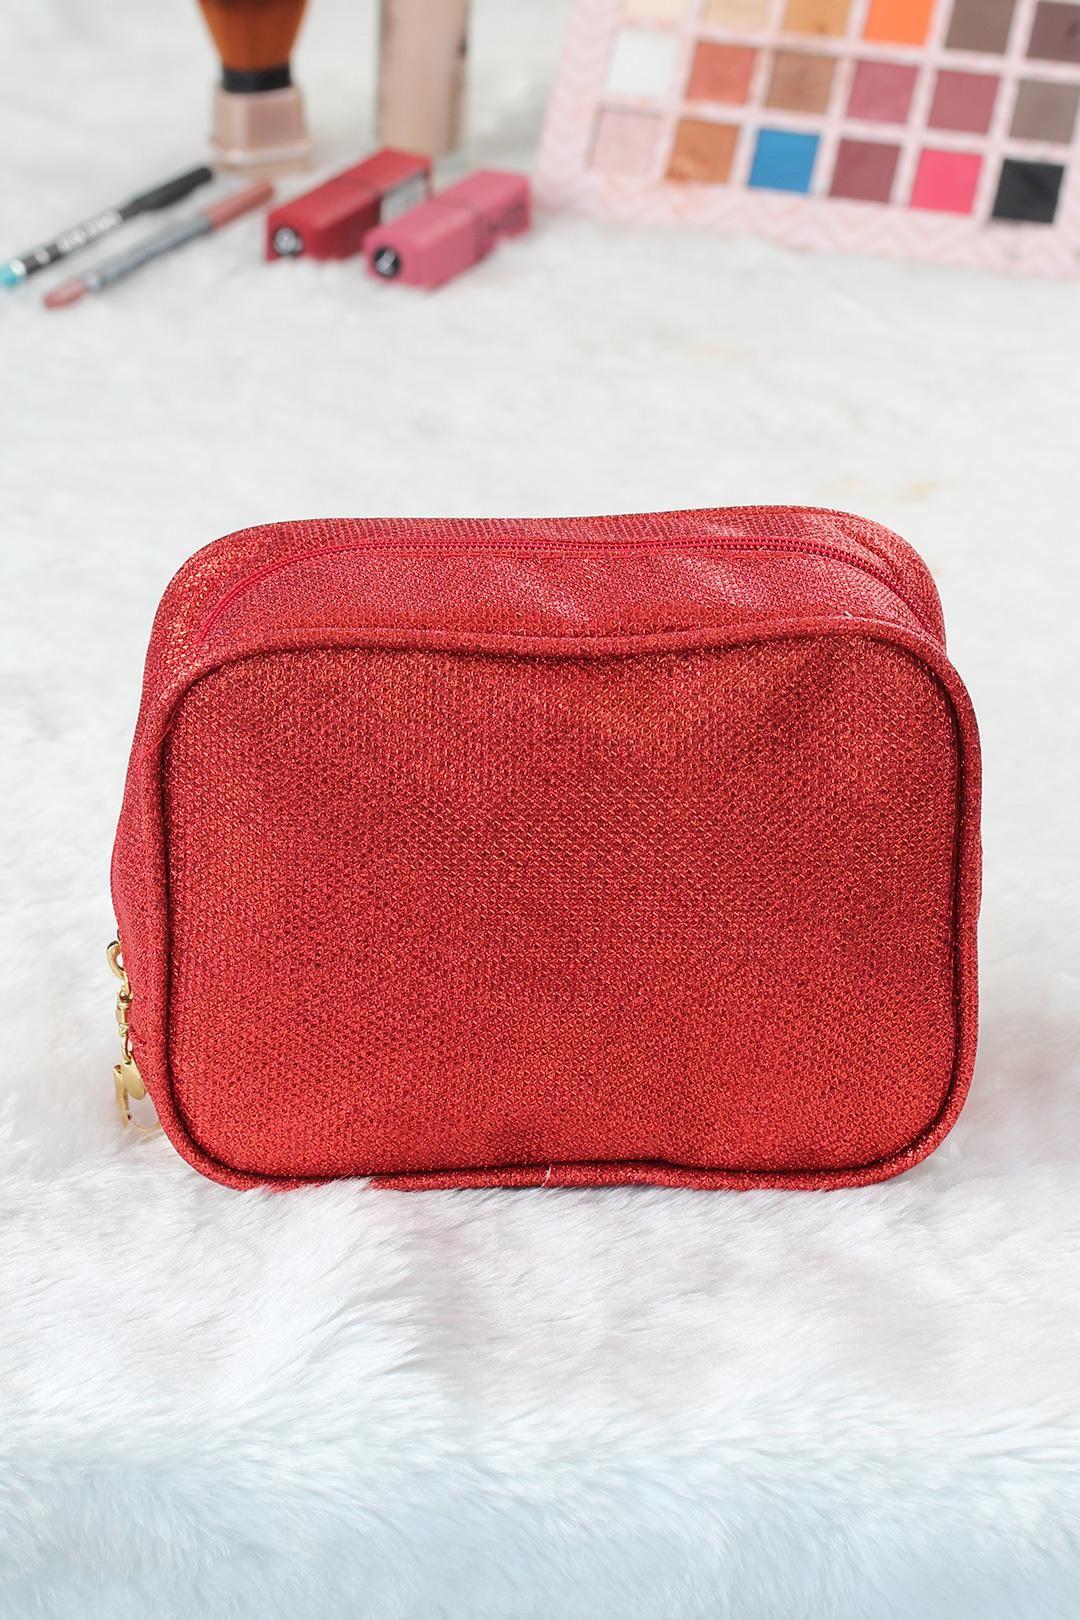 Simli Kırmızı Kare Form Makyaj Çantası